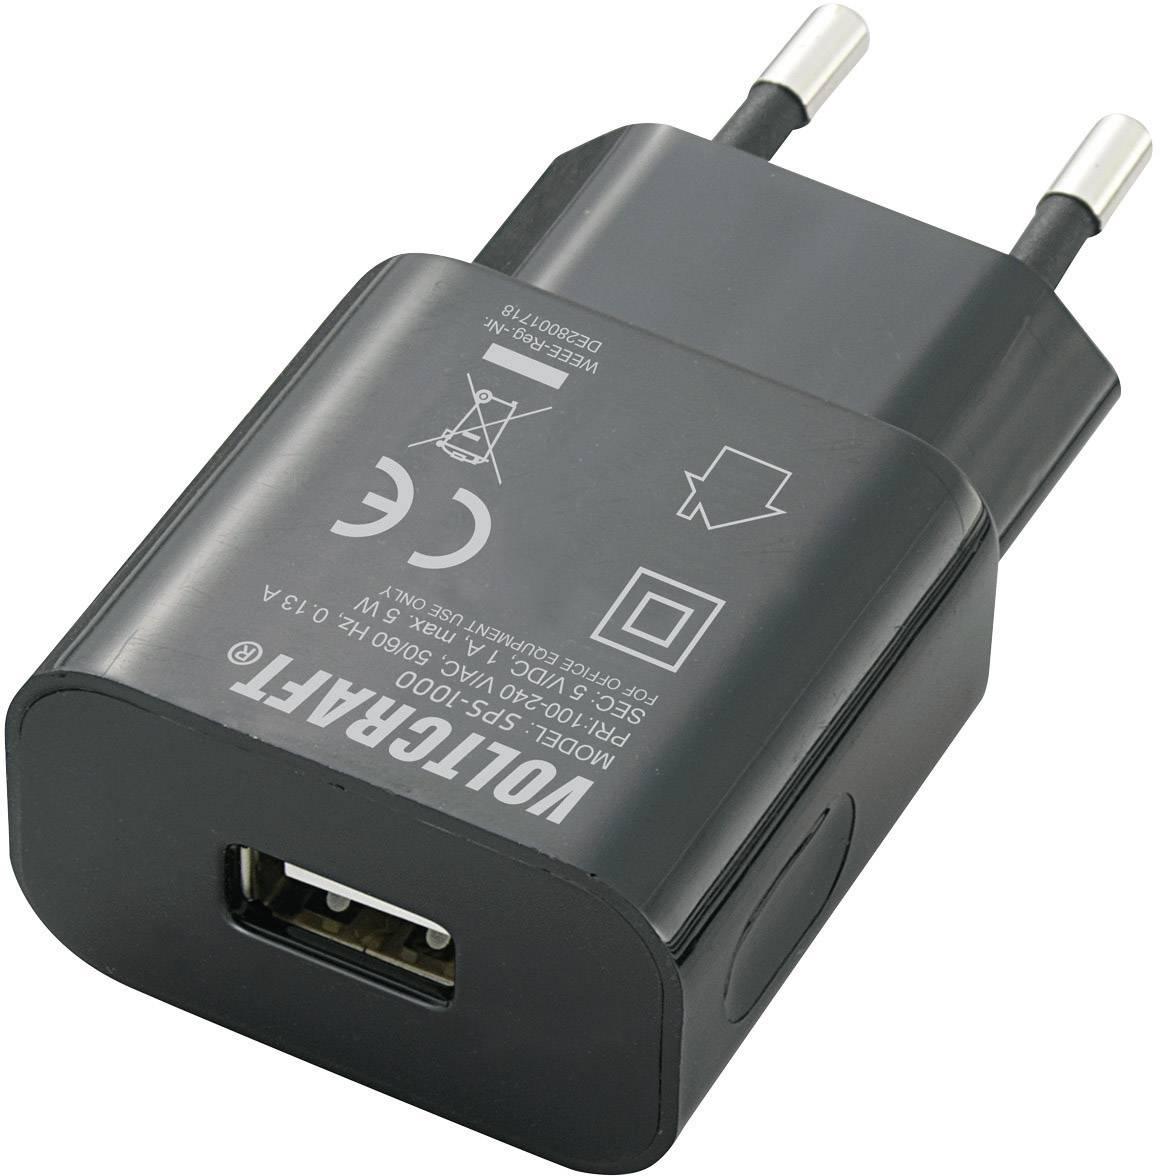 USB nabíječka VOLTCRAFT SPS-1000 USB, černá